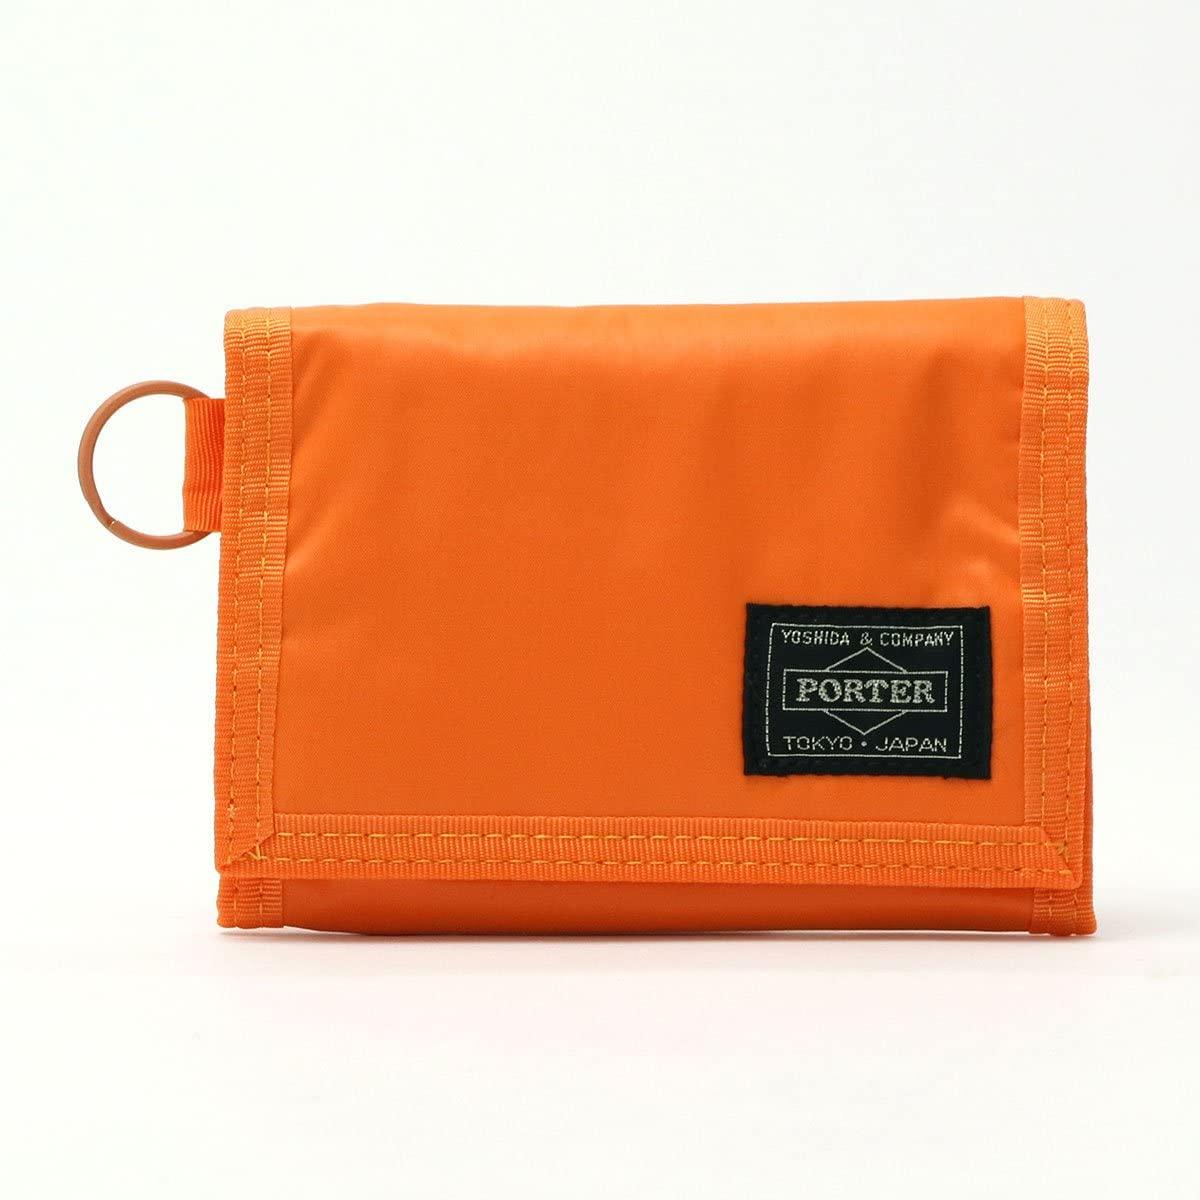 ポーター:カプセル 財布メンズ